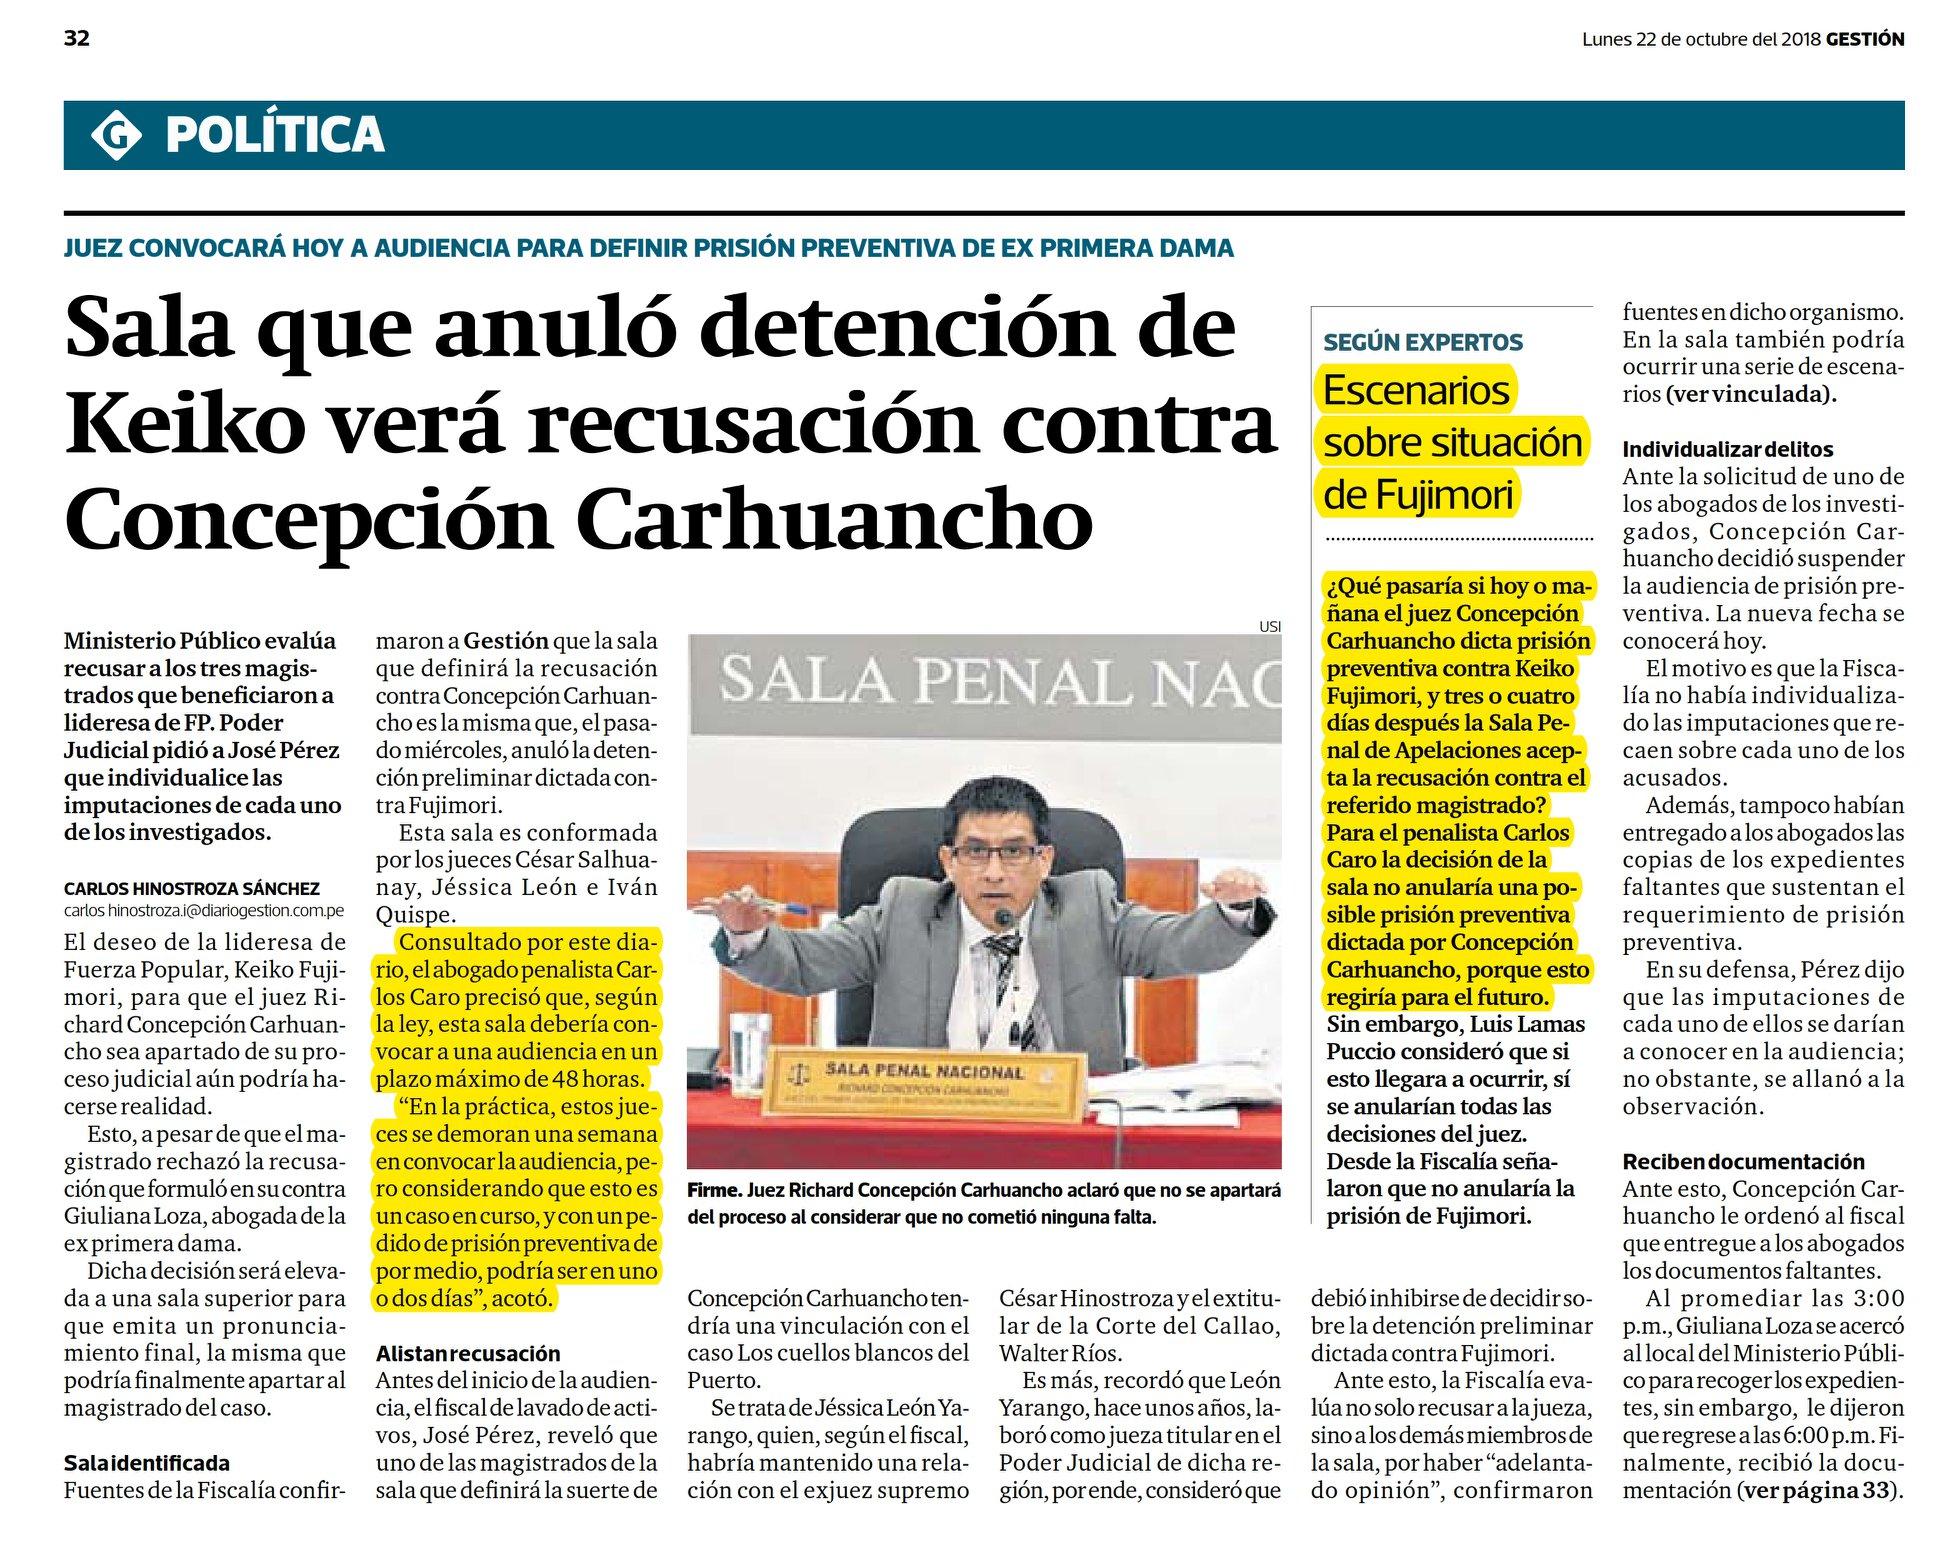 Carlos Caroopina EnDiario Gestión(22.10.18)